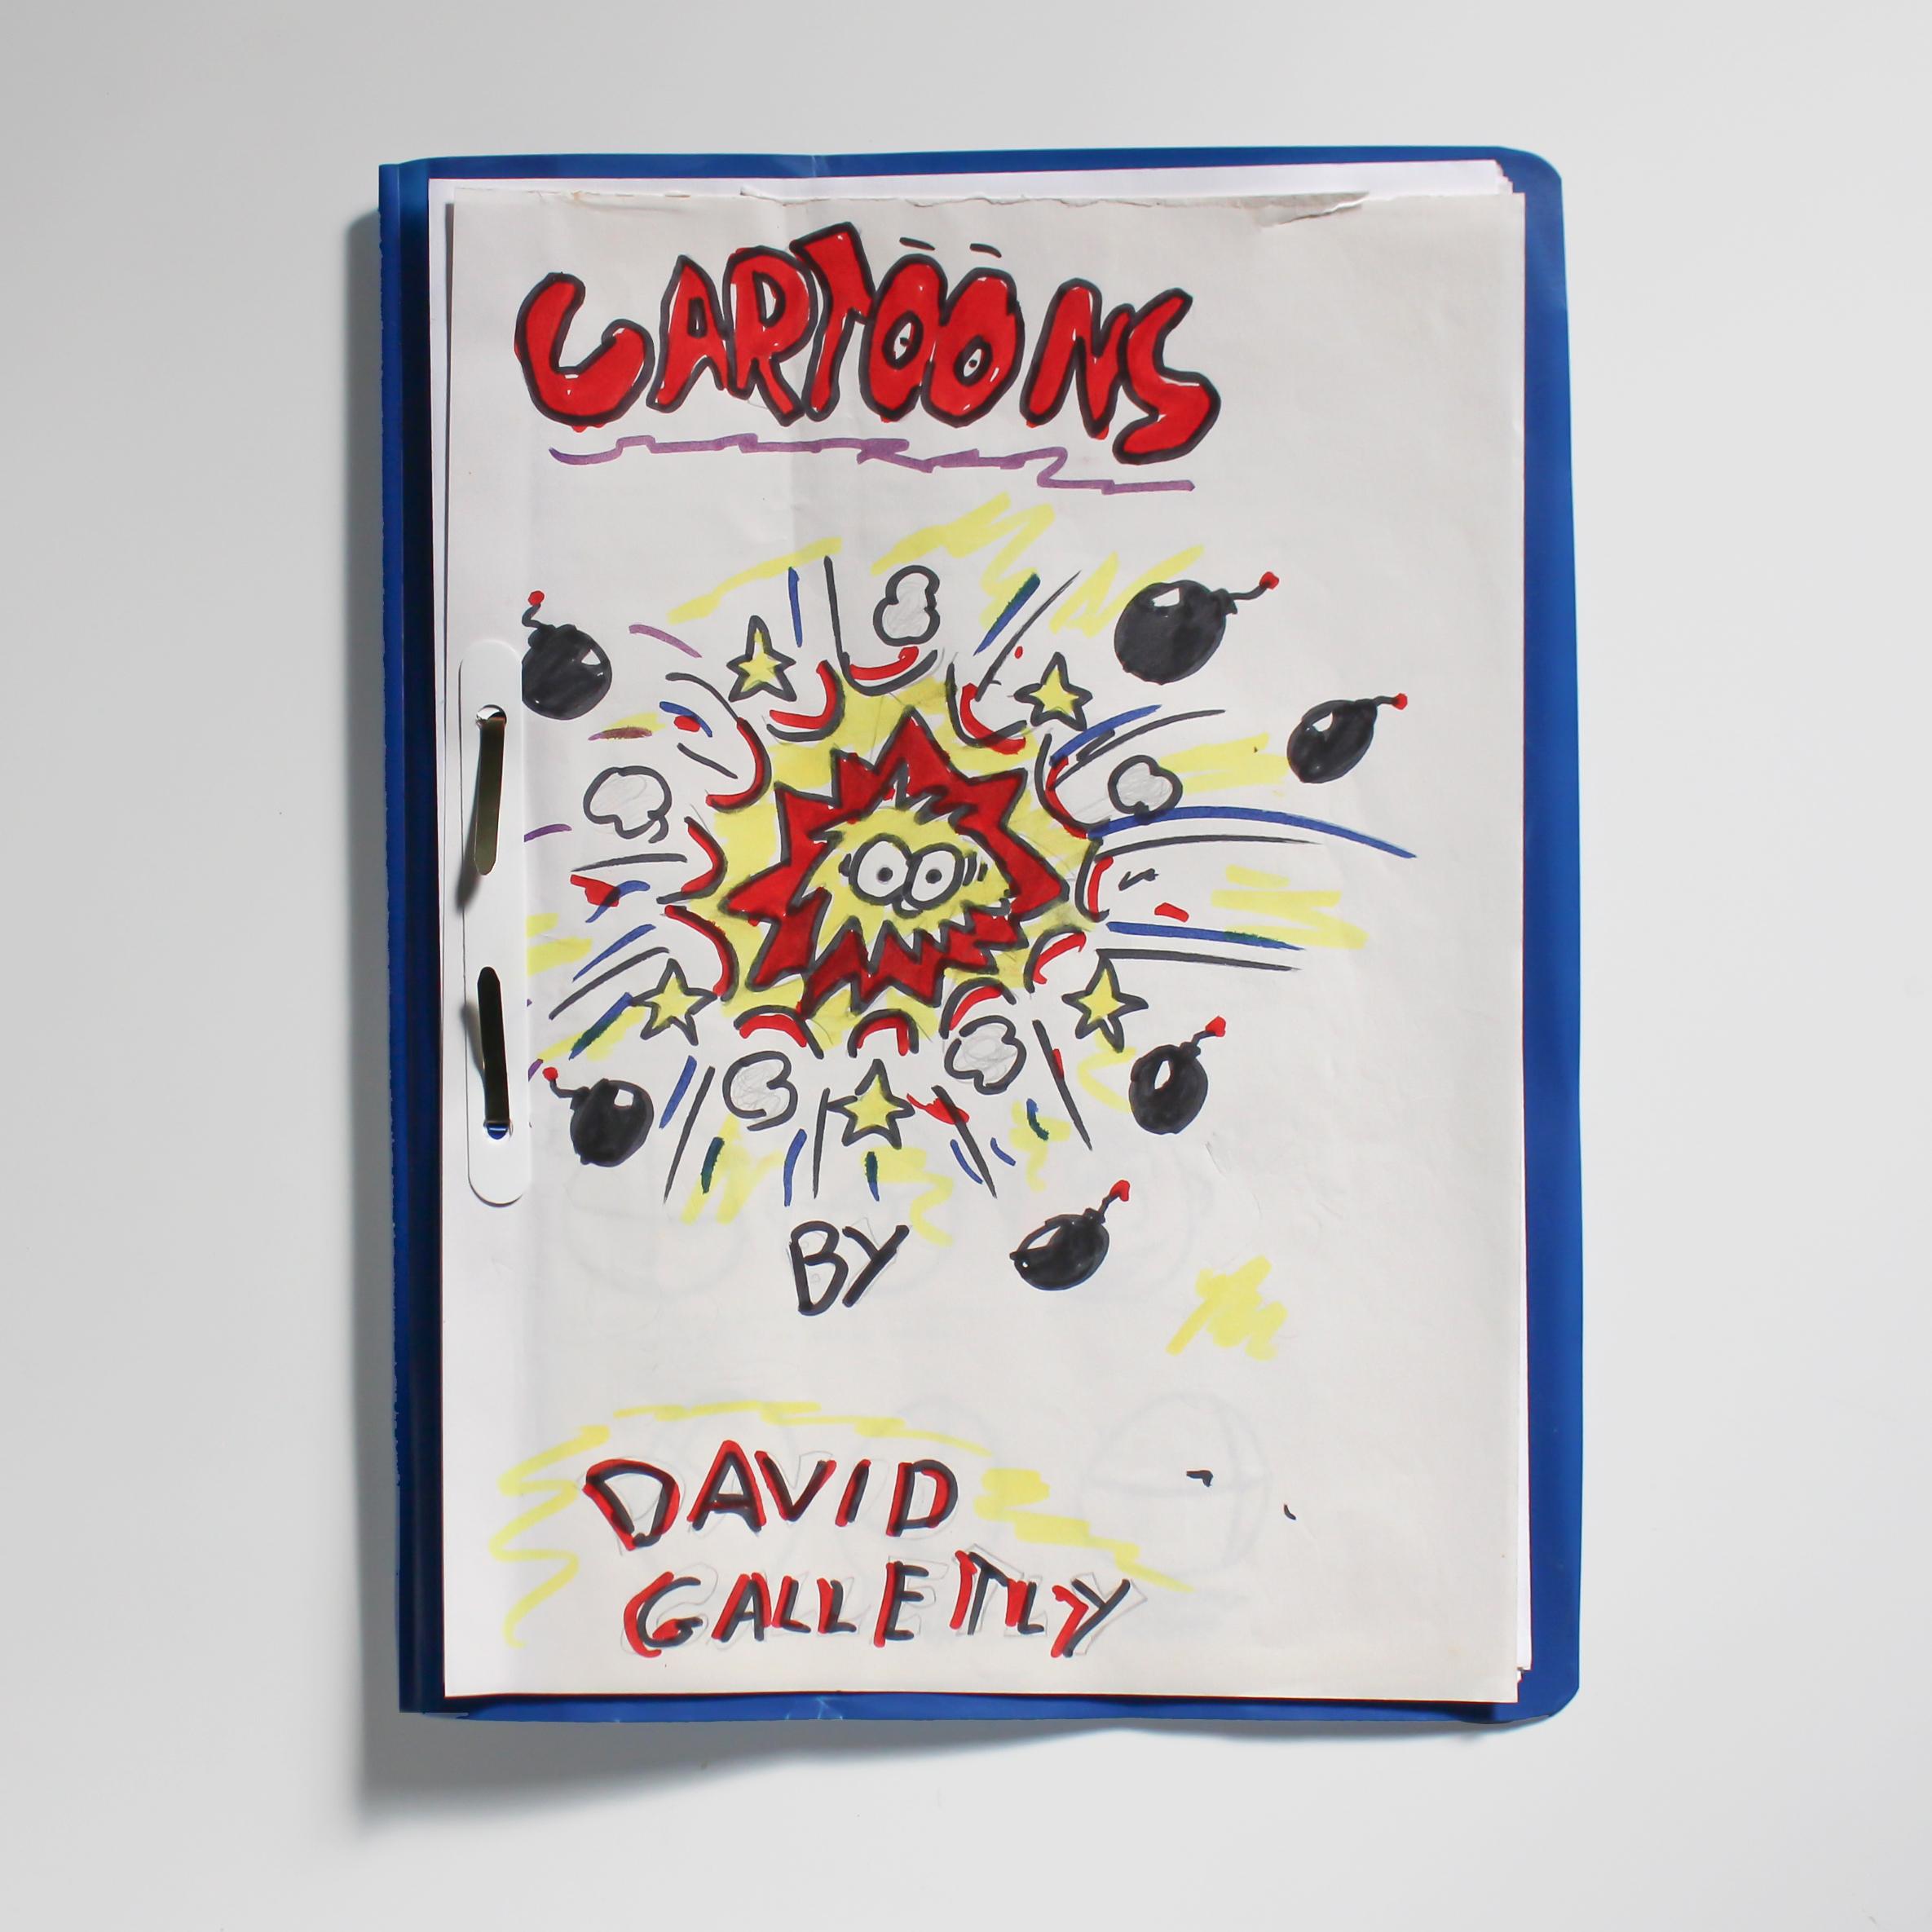 david-galletly-cartoons.jpg